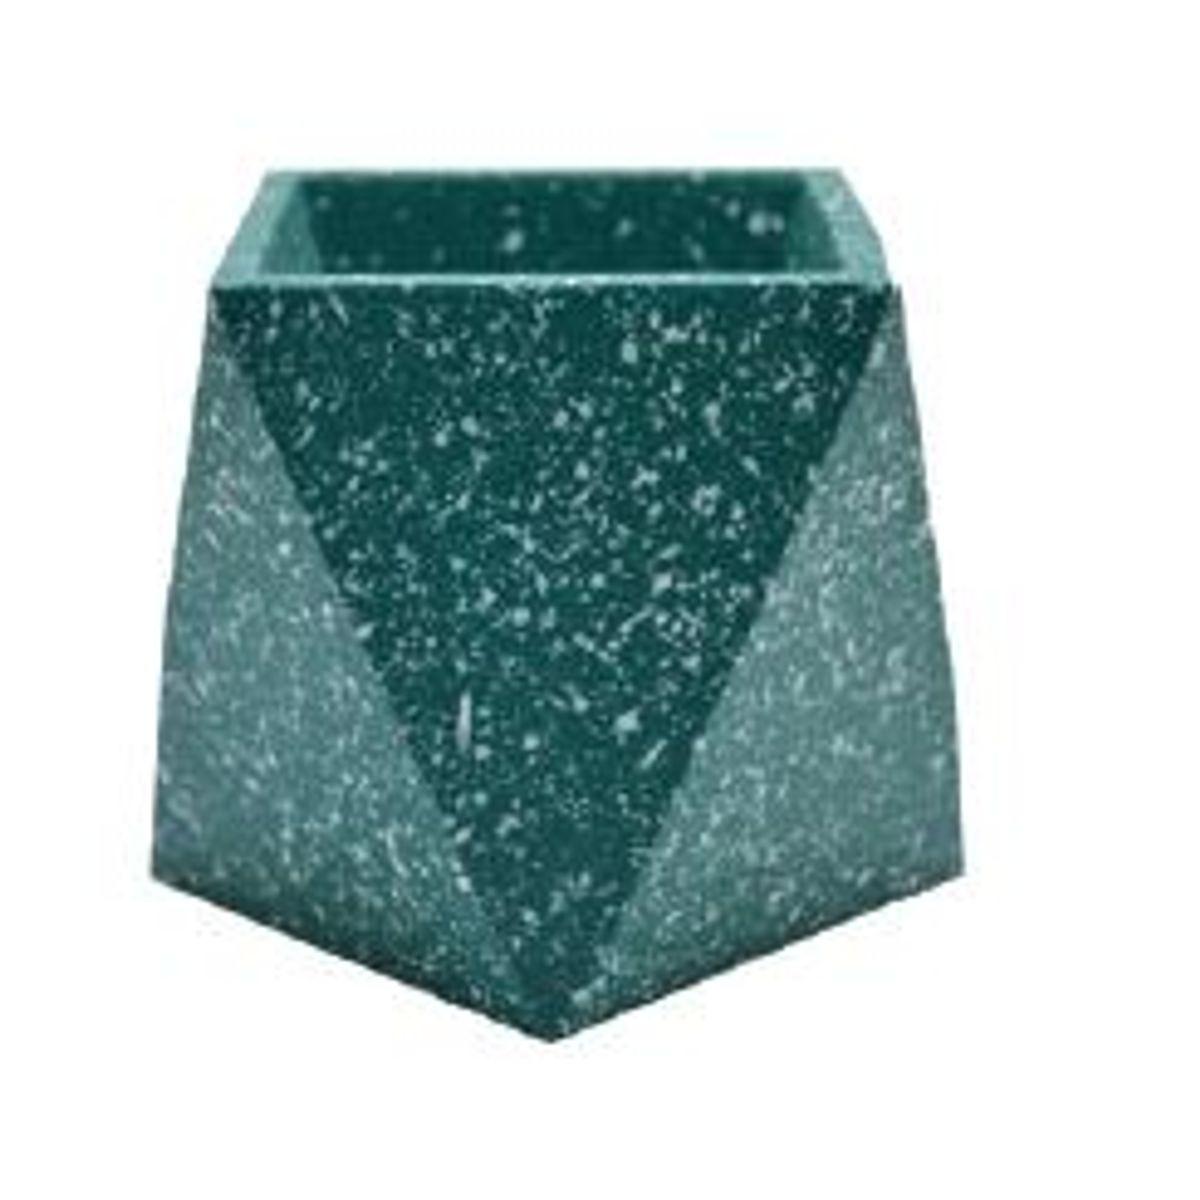 Cachepot hexagonal en terrazzo vert clair H9cm